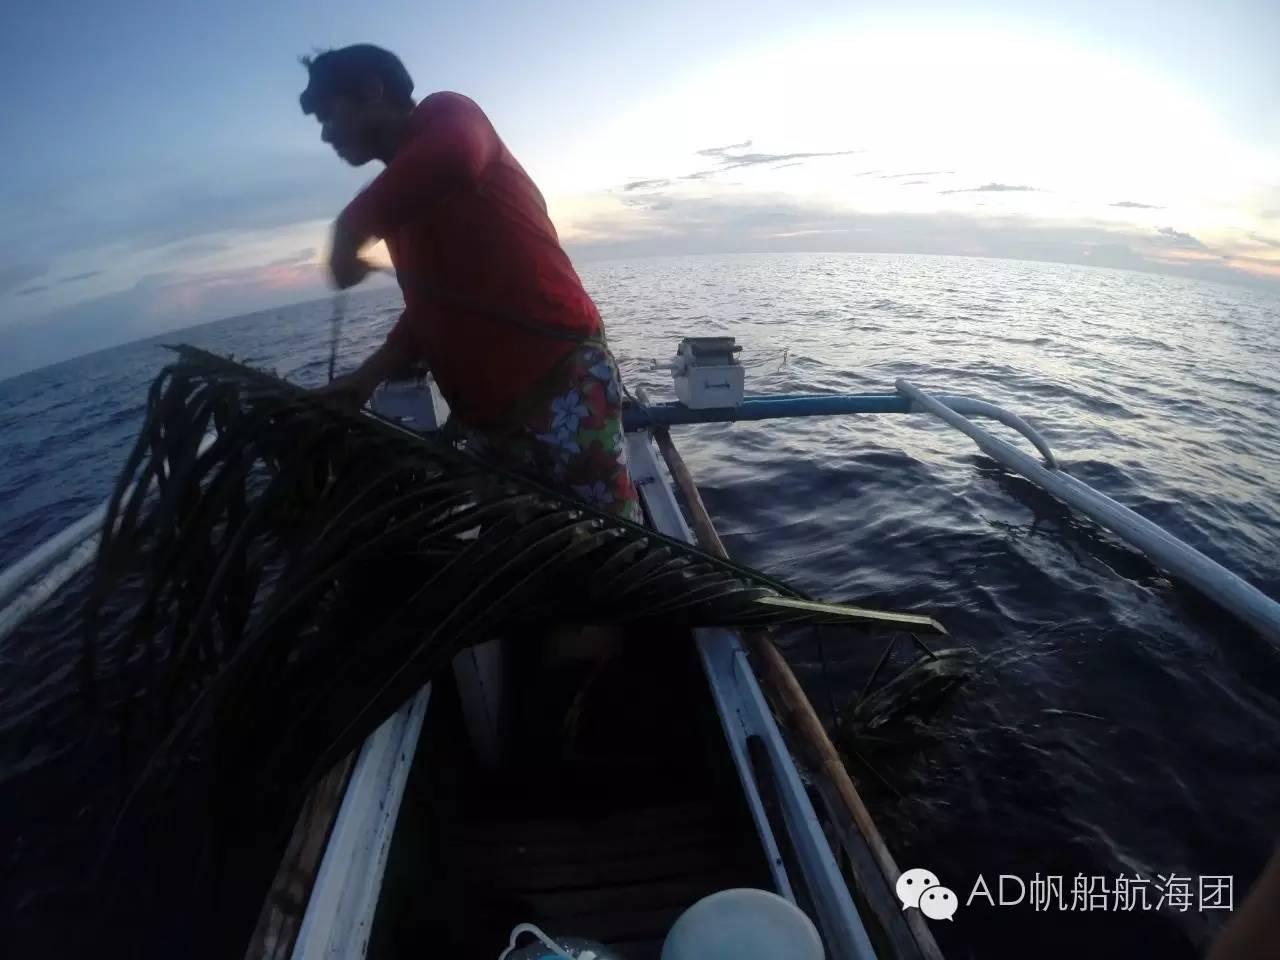 帆船游记二十三:甘米银岛夜捕金枪鱼 bec427efa19819a3c55b3ba10fcf823e.jpg